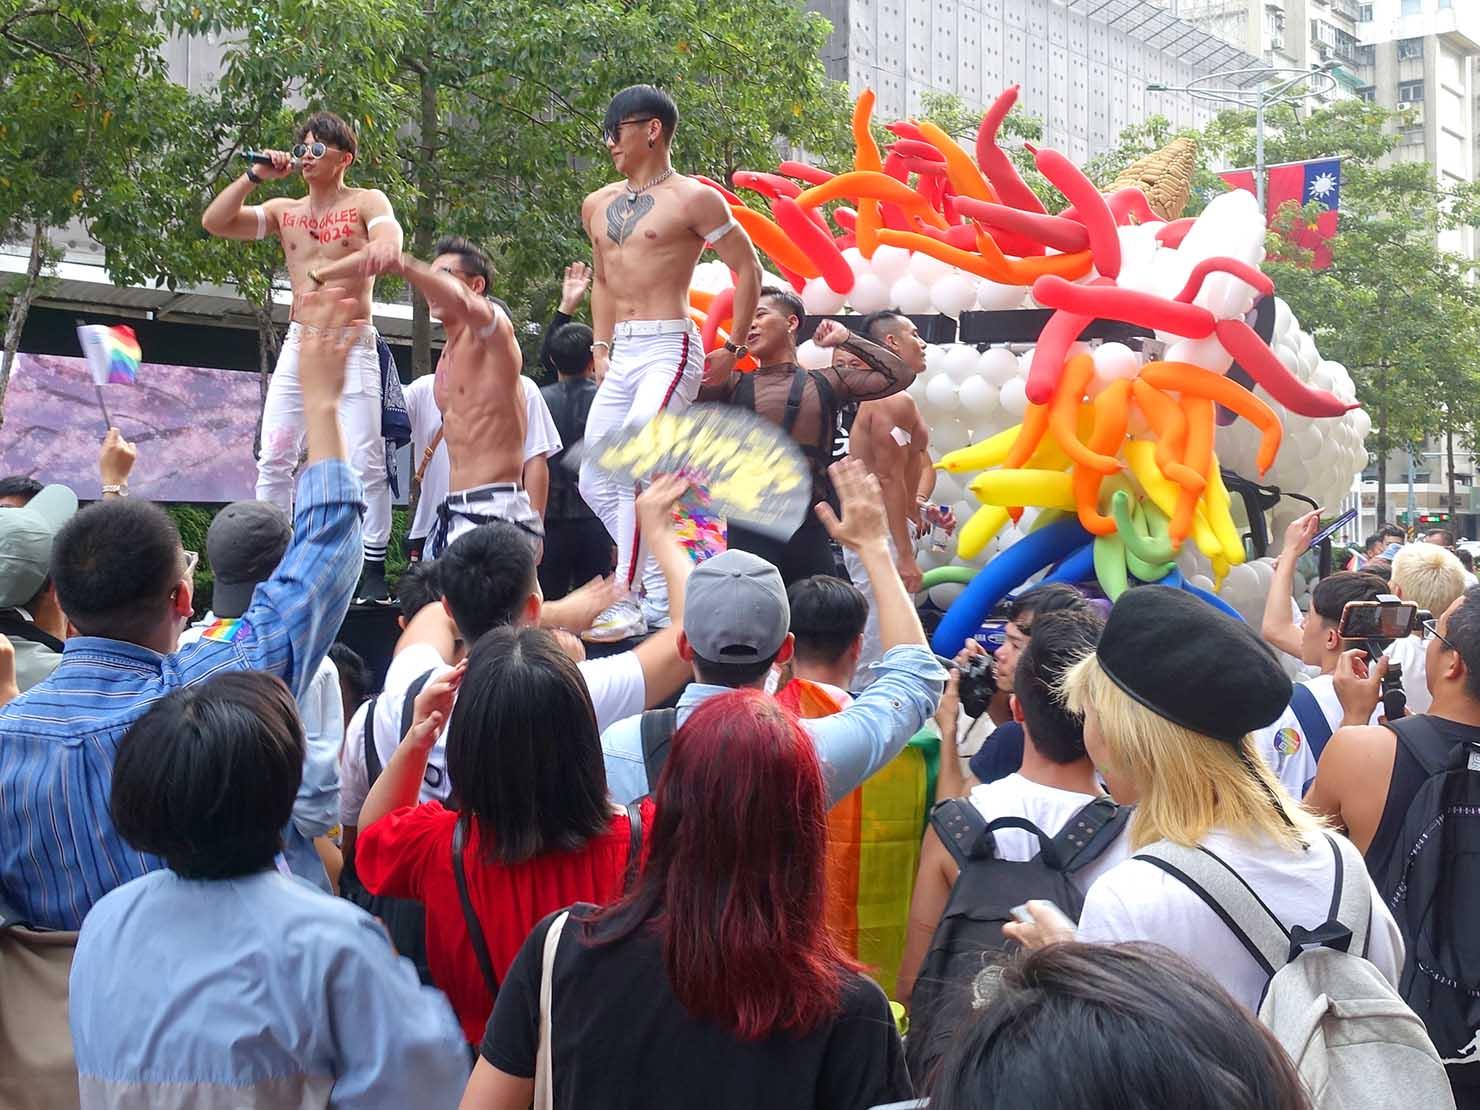 台灣同志遊行(台湾LGBTプライド)2019パレードのフロートでパフォーマンスするイケメンお兄さんたち